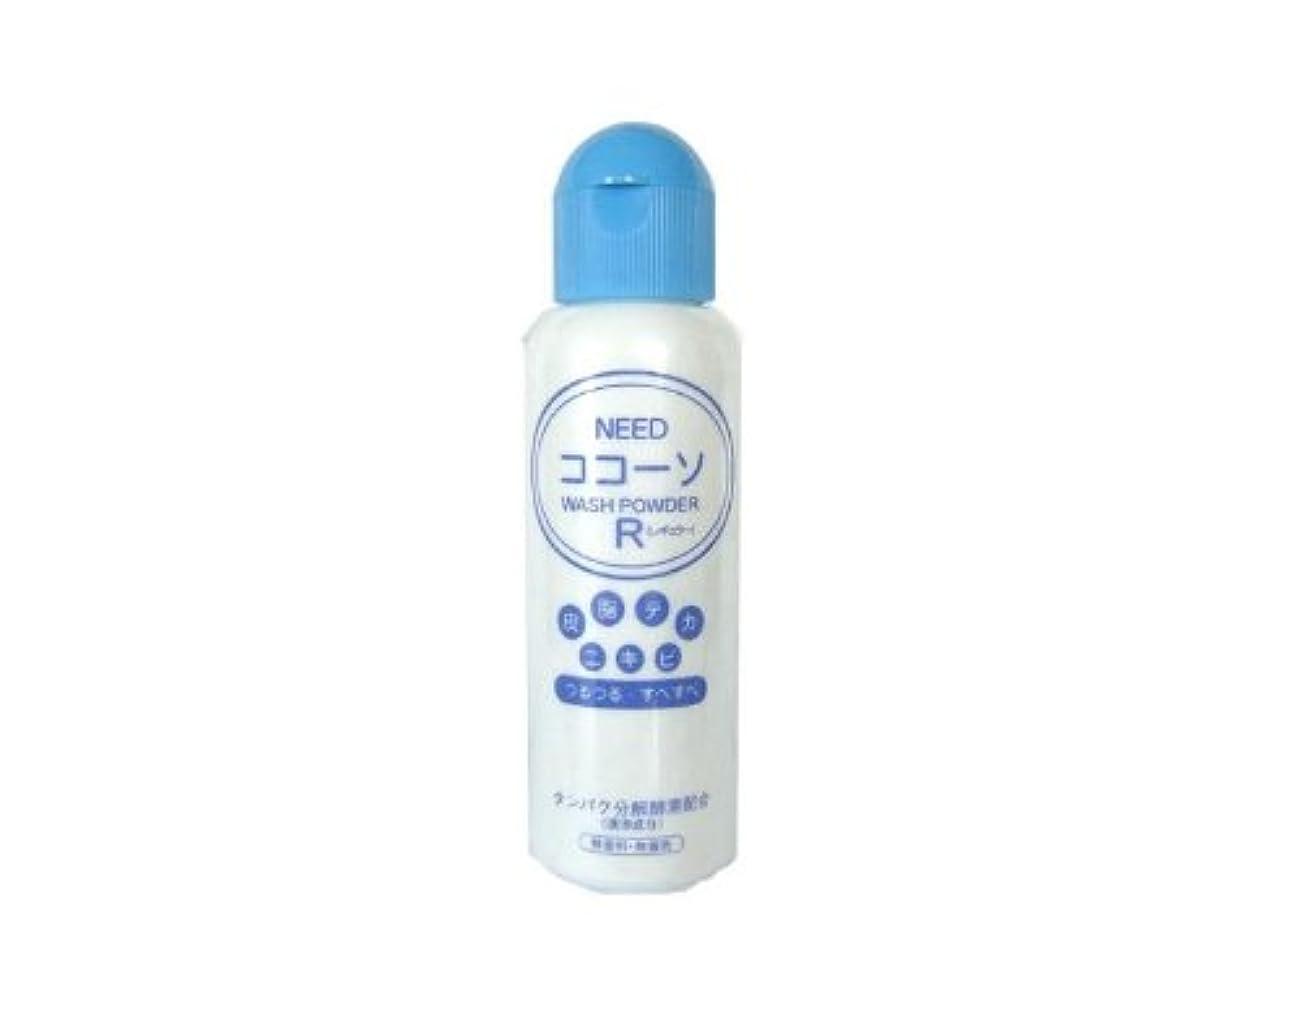 等価申込み現代ニード ココーソ 洗顔パウダー R(レギュラー) 52g